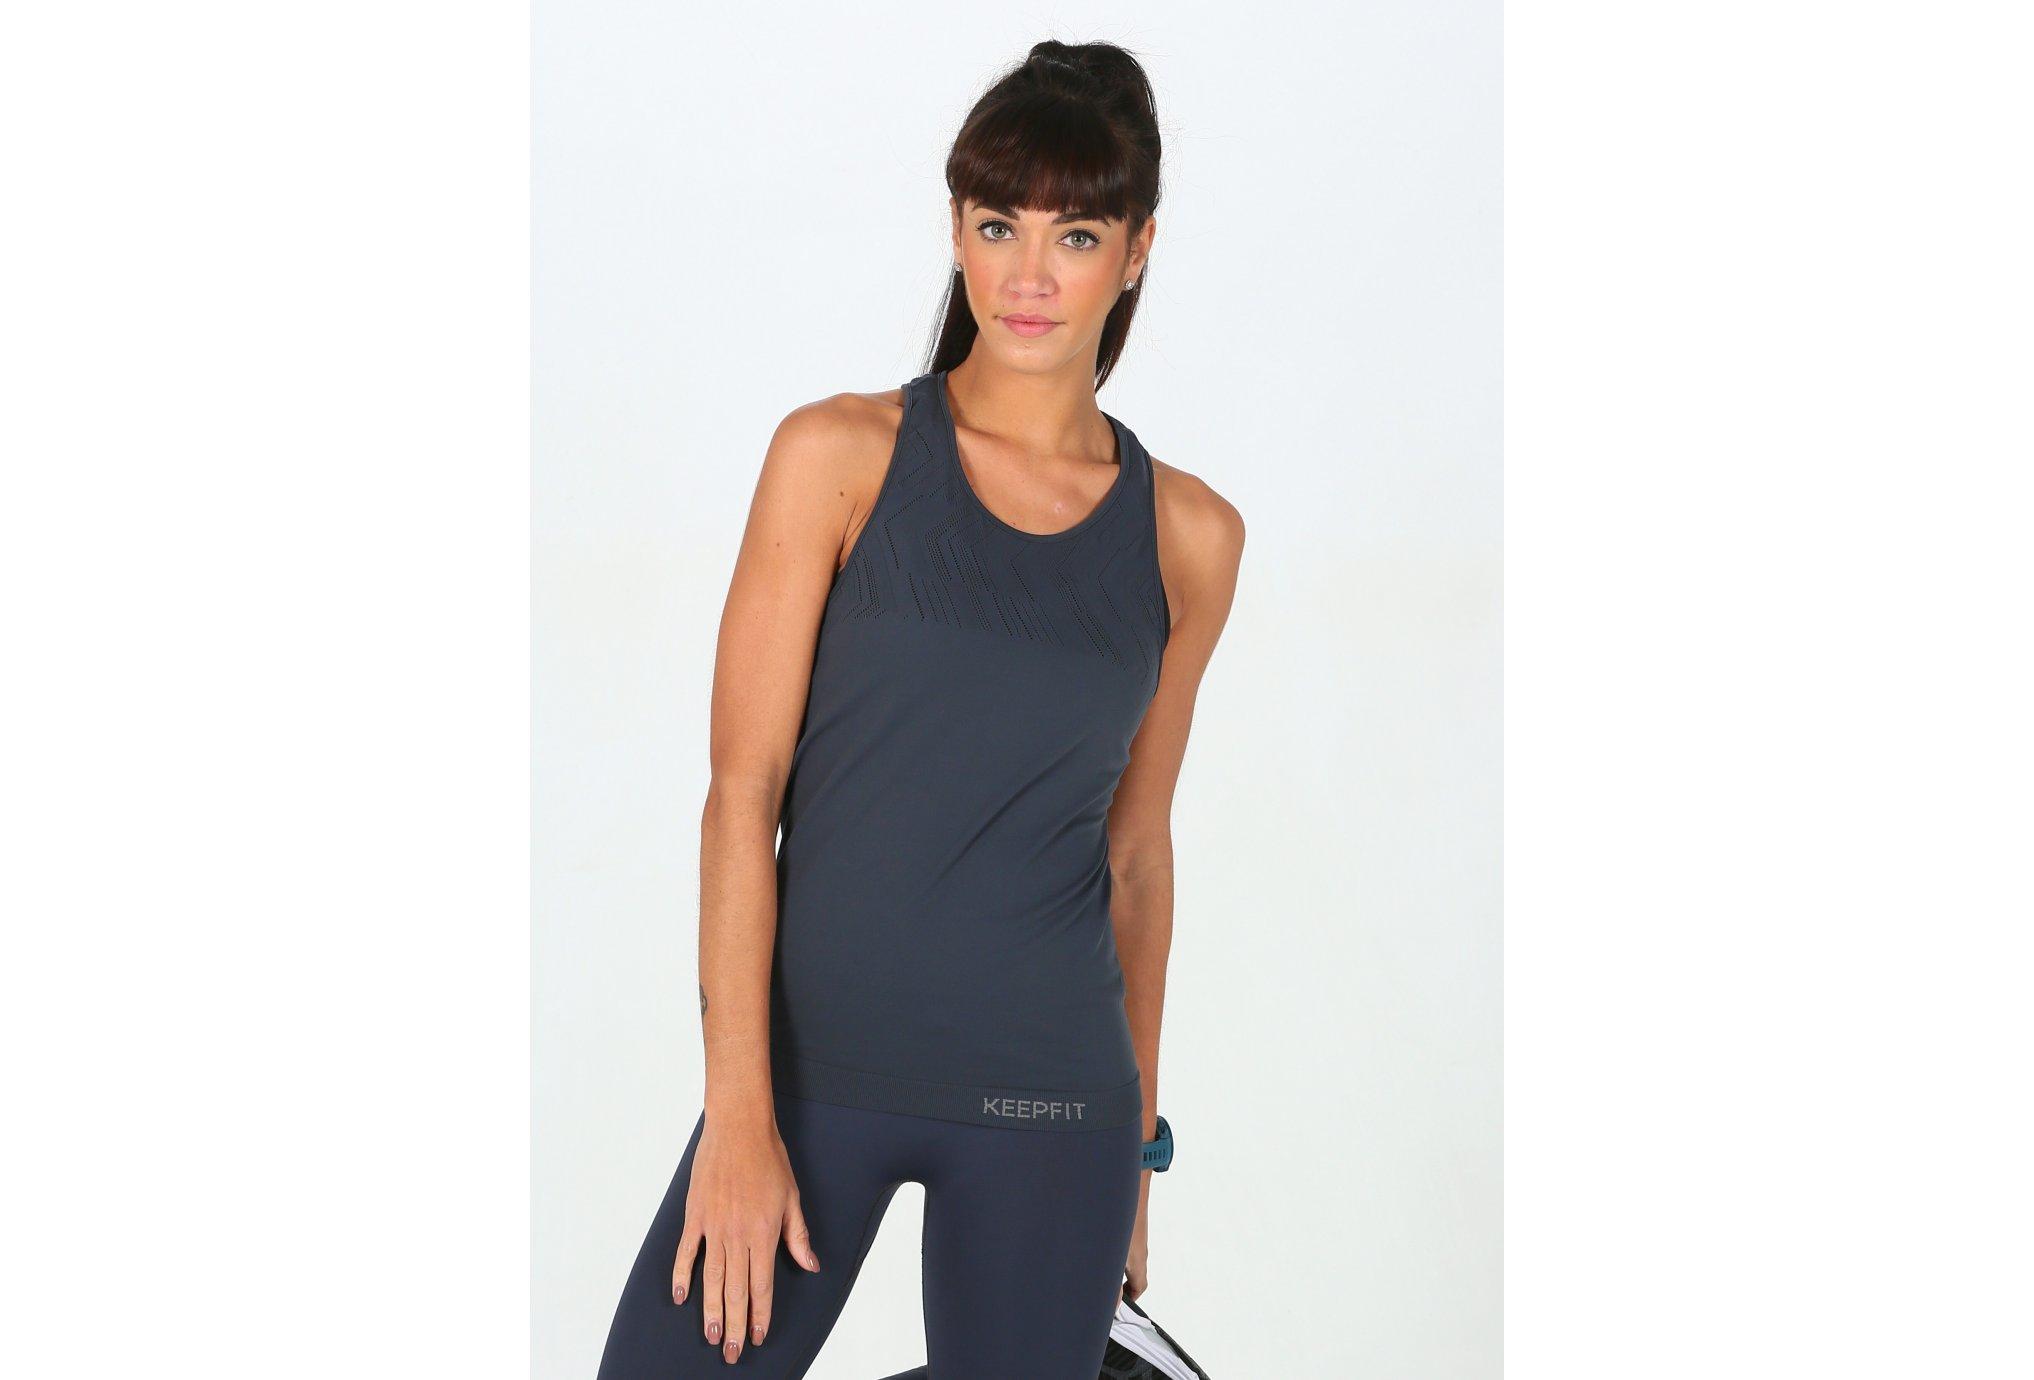 BV Sport KeepFit Limited Detroit W Diététique Vêtements femme